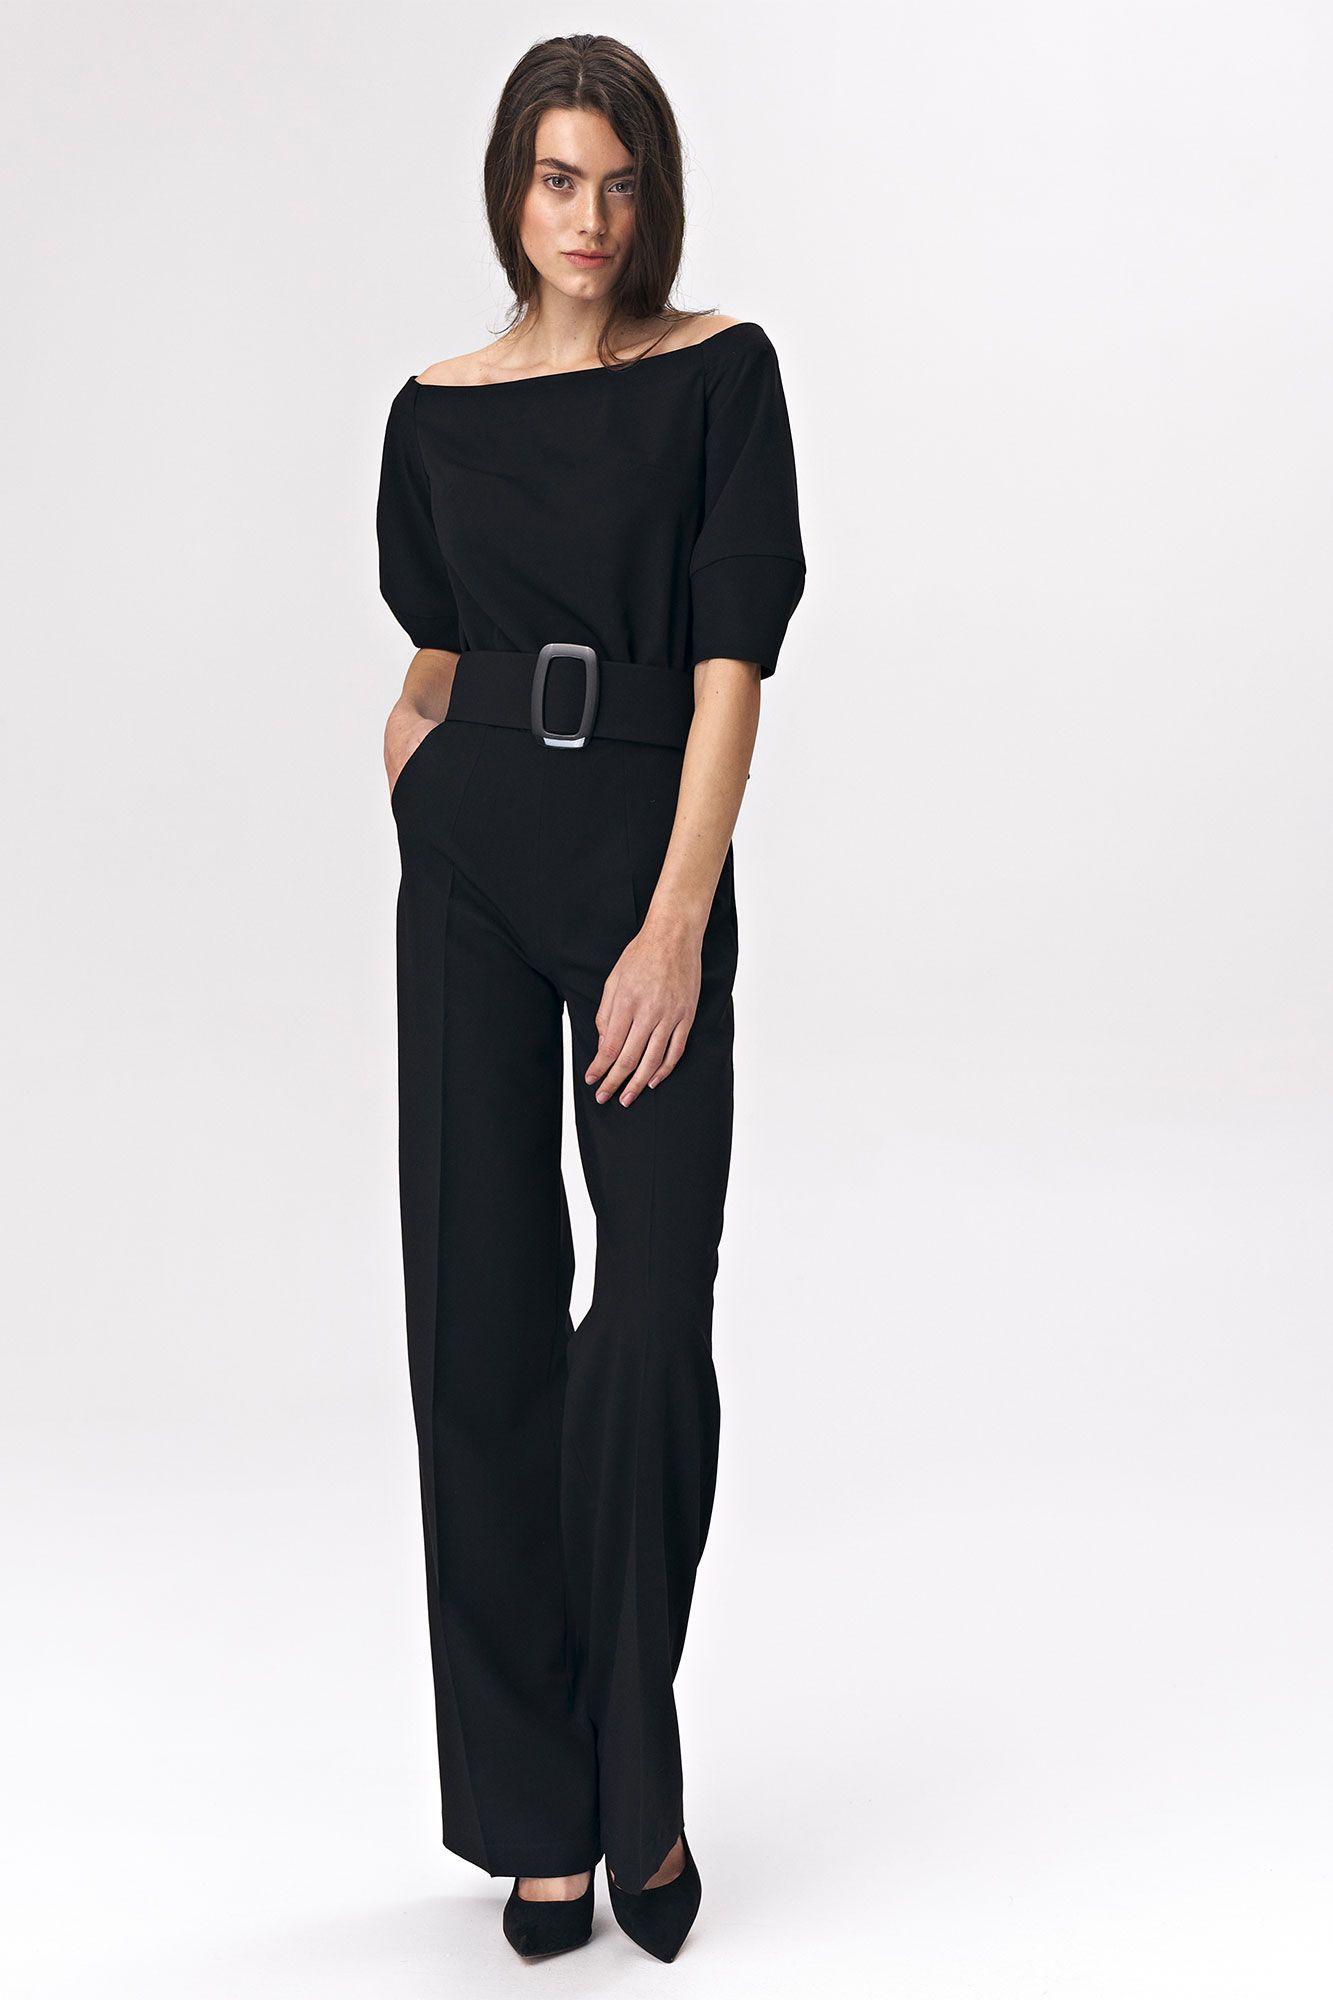 Black jumpsuit with a belt